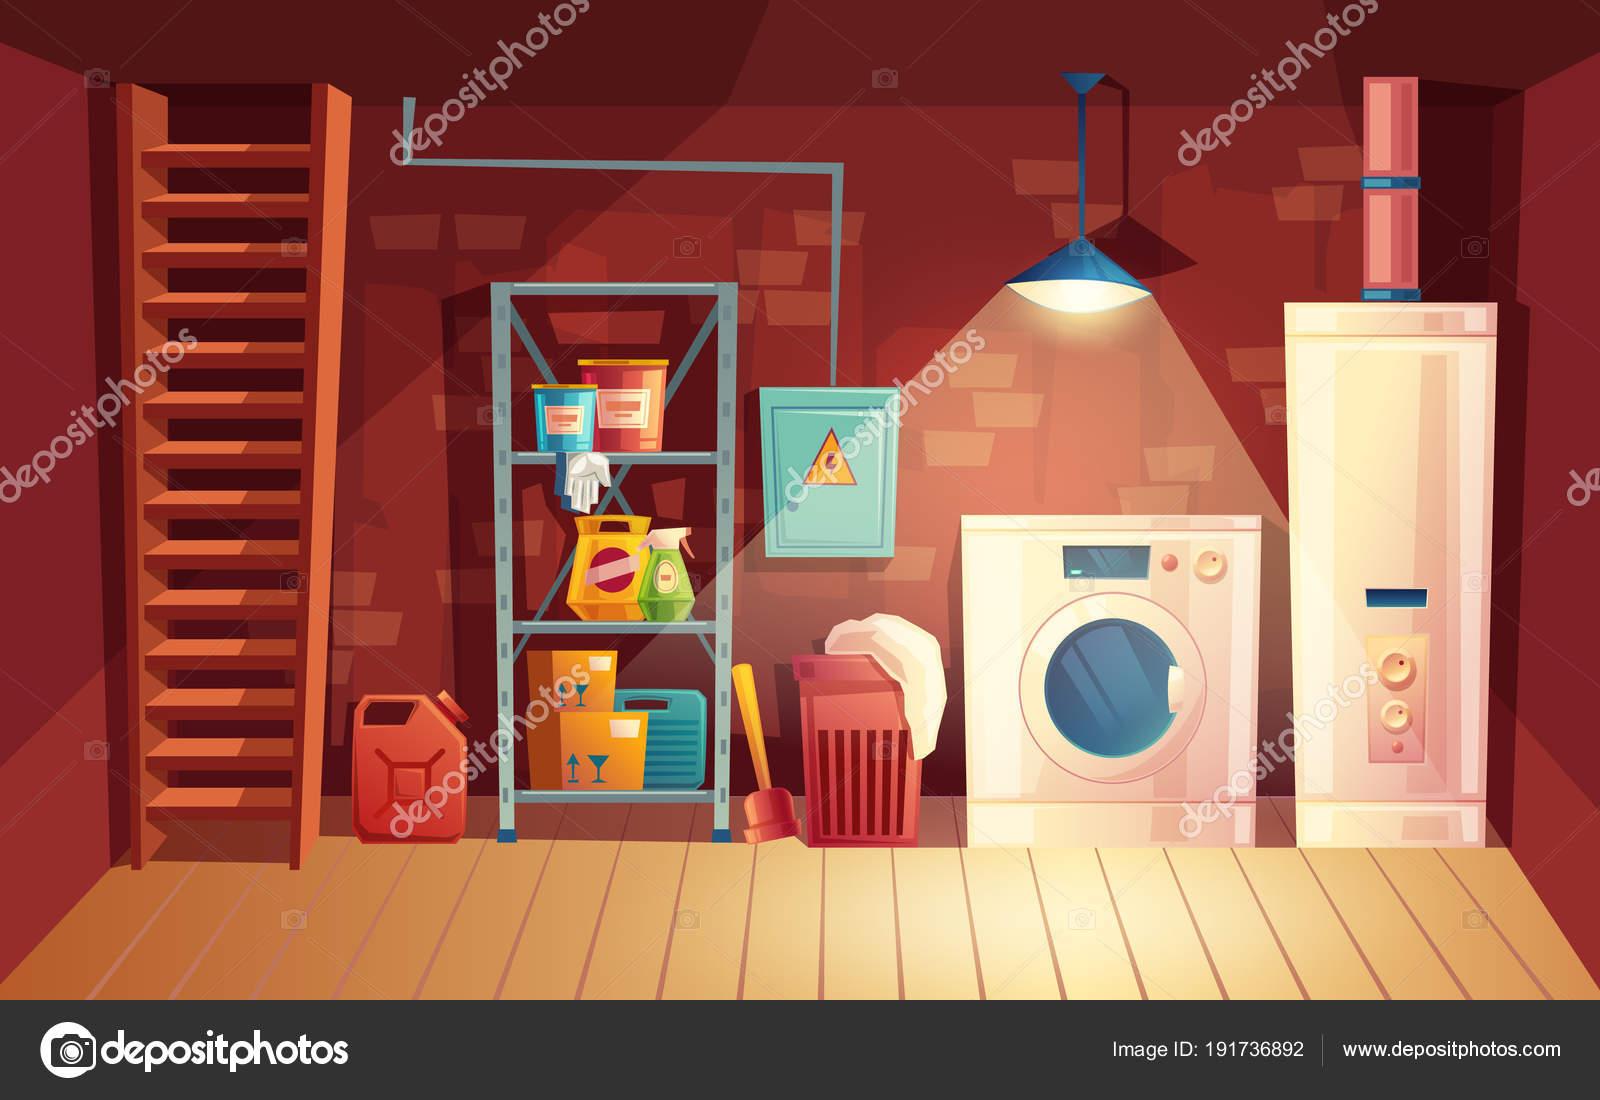 Interior de bodega de Vector, dibujos animados de lavandería en el ...